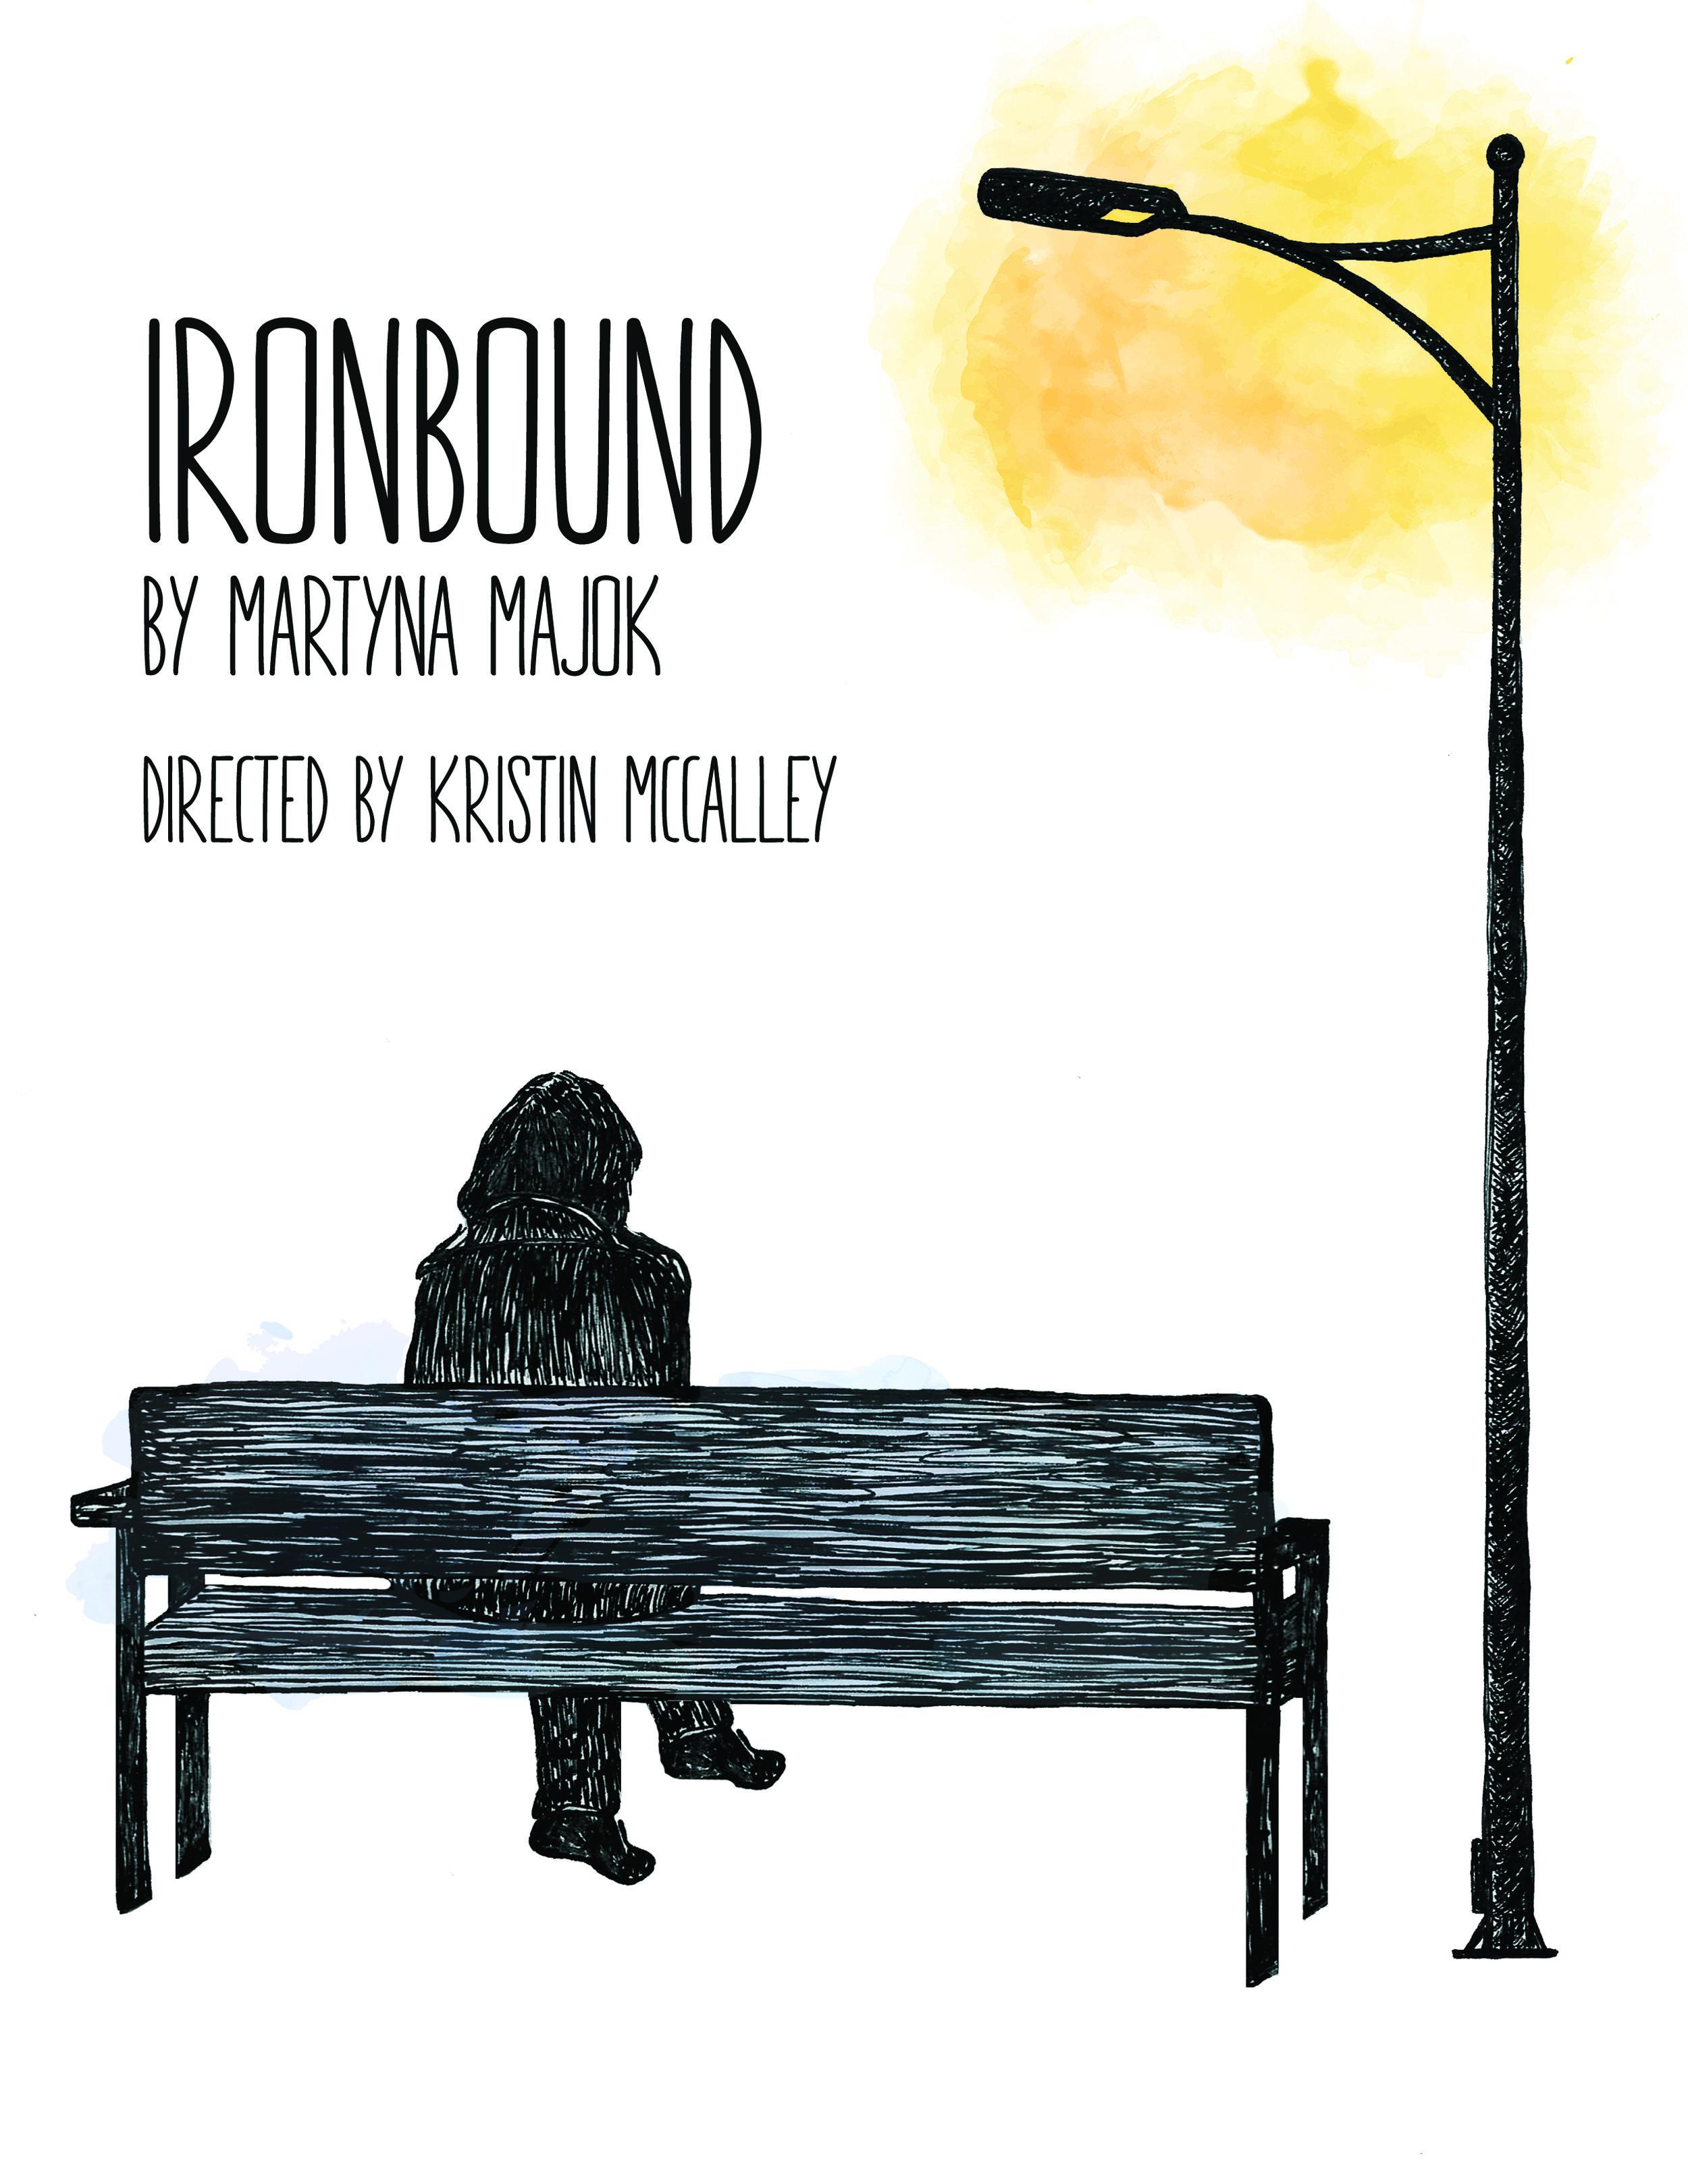 ironbound_4.jpg